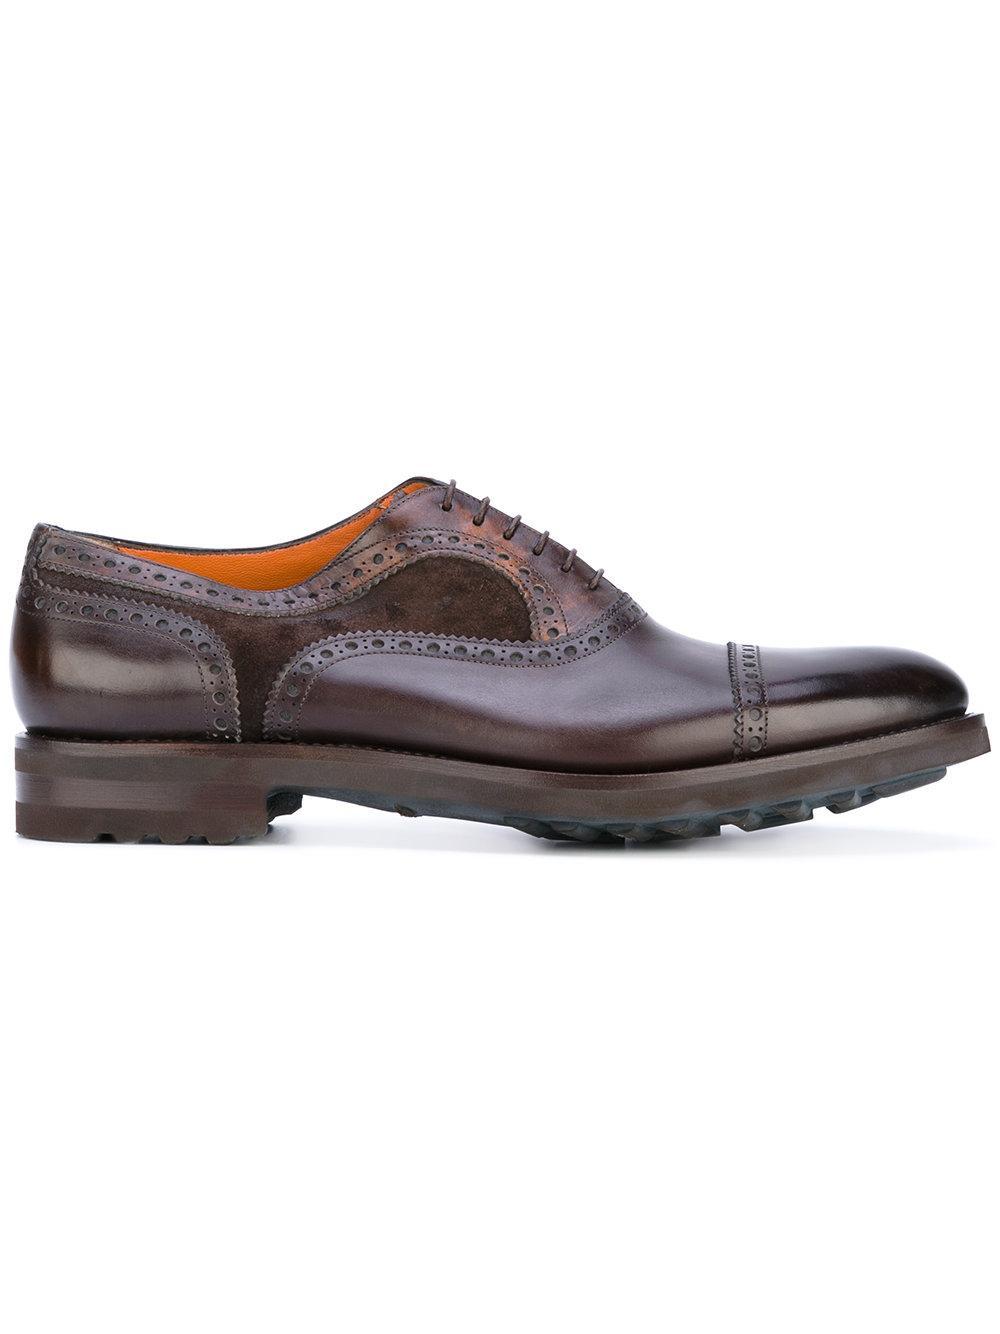 Santoni 'goodyear Bologna' Flexible Oxford Shoes - Brown